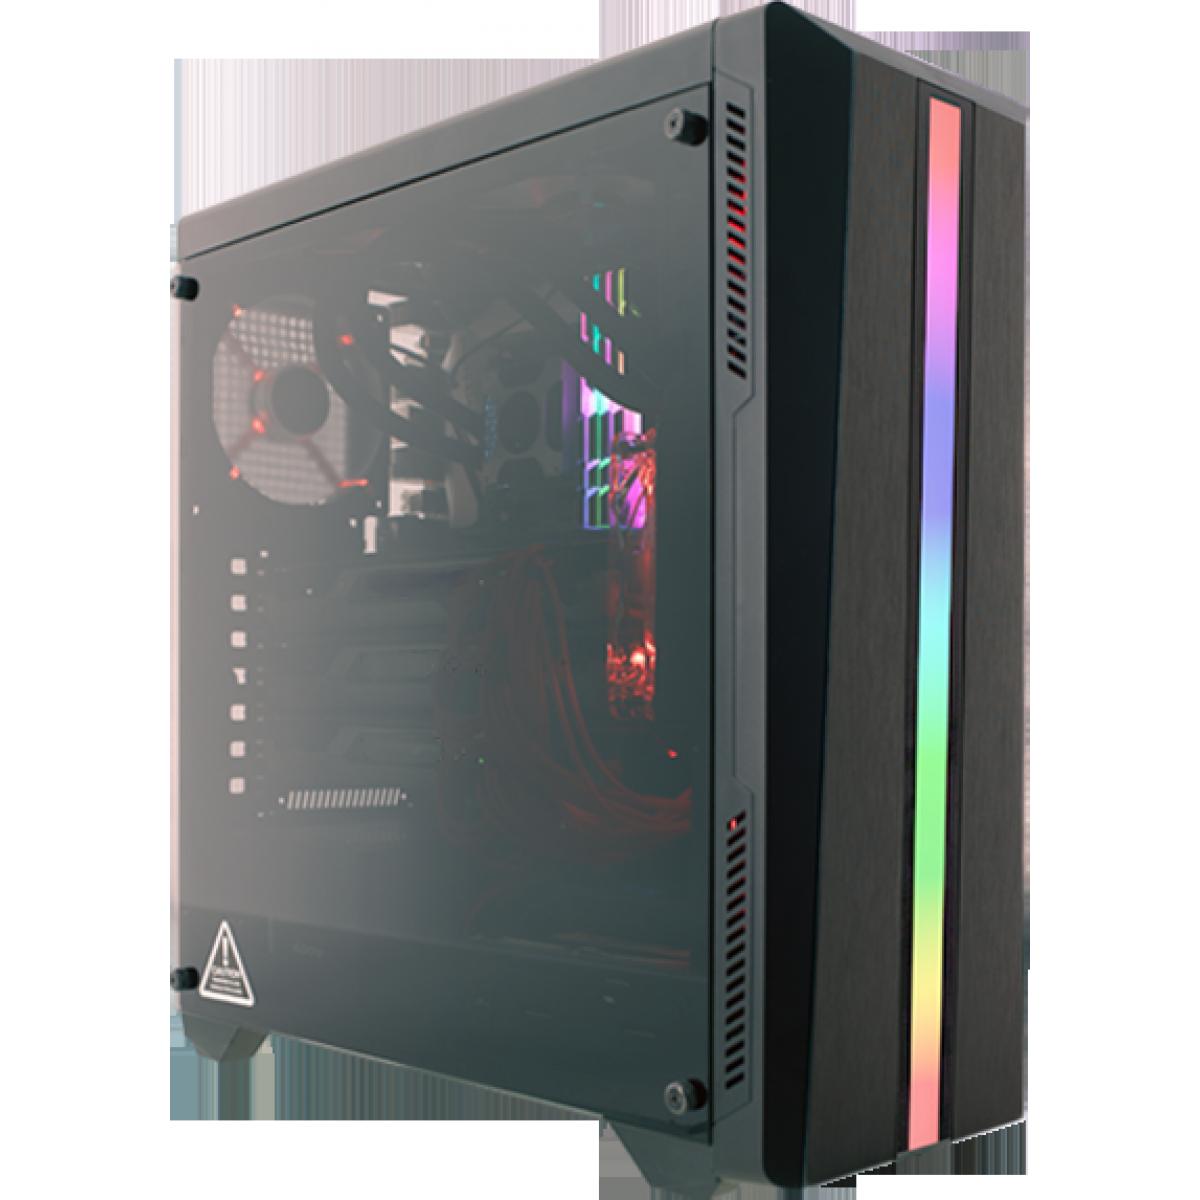 Pc Gamer Super Tera Edition AMD Ryzen 5 3600X / GeForce RTX 2070 / DDR4 8GB / HD 1TB / 600W